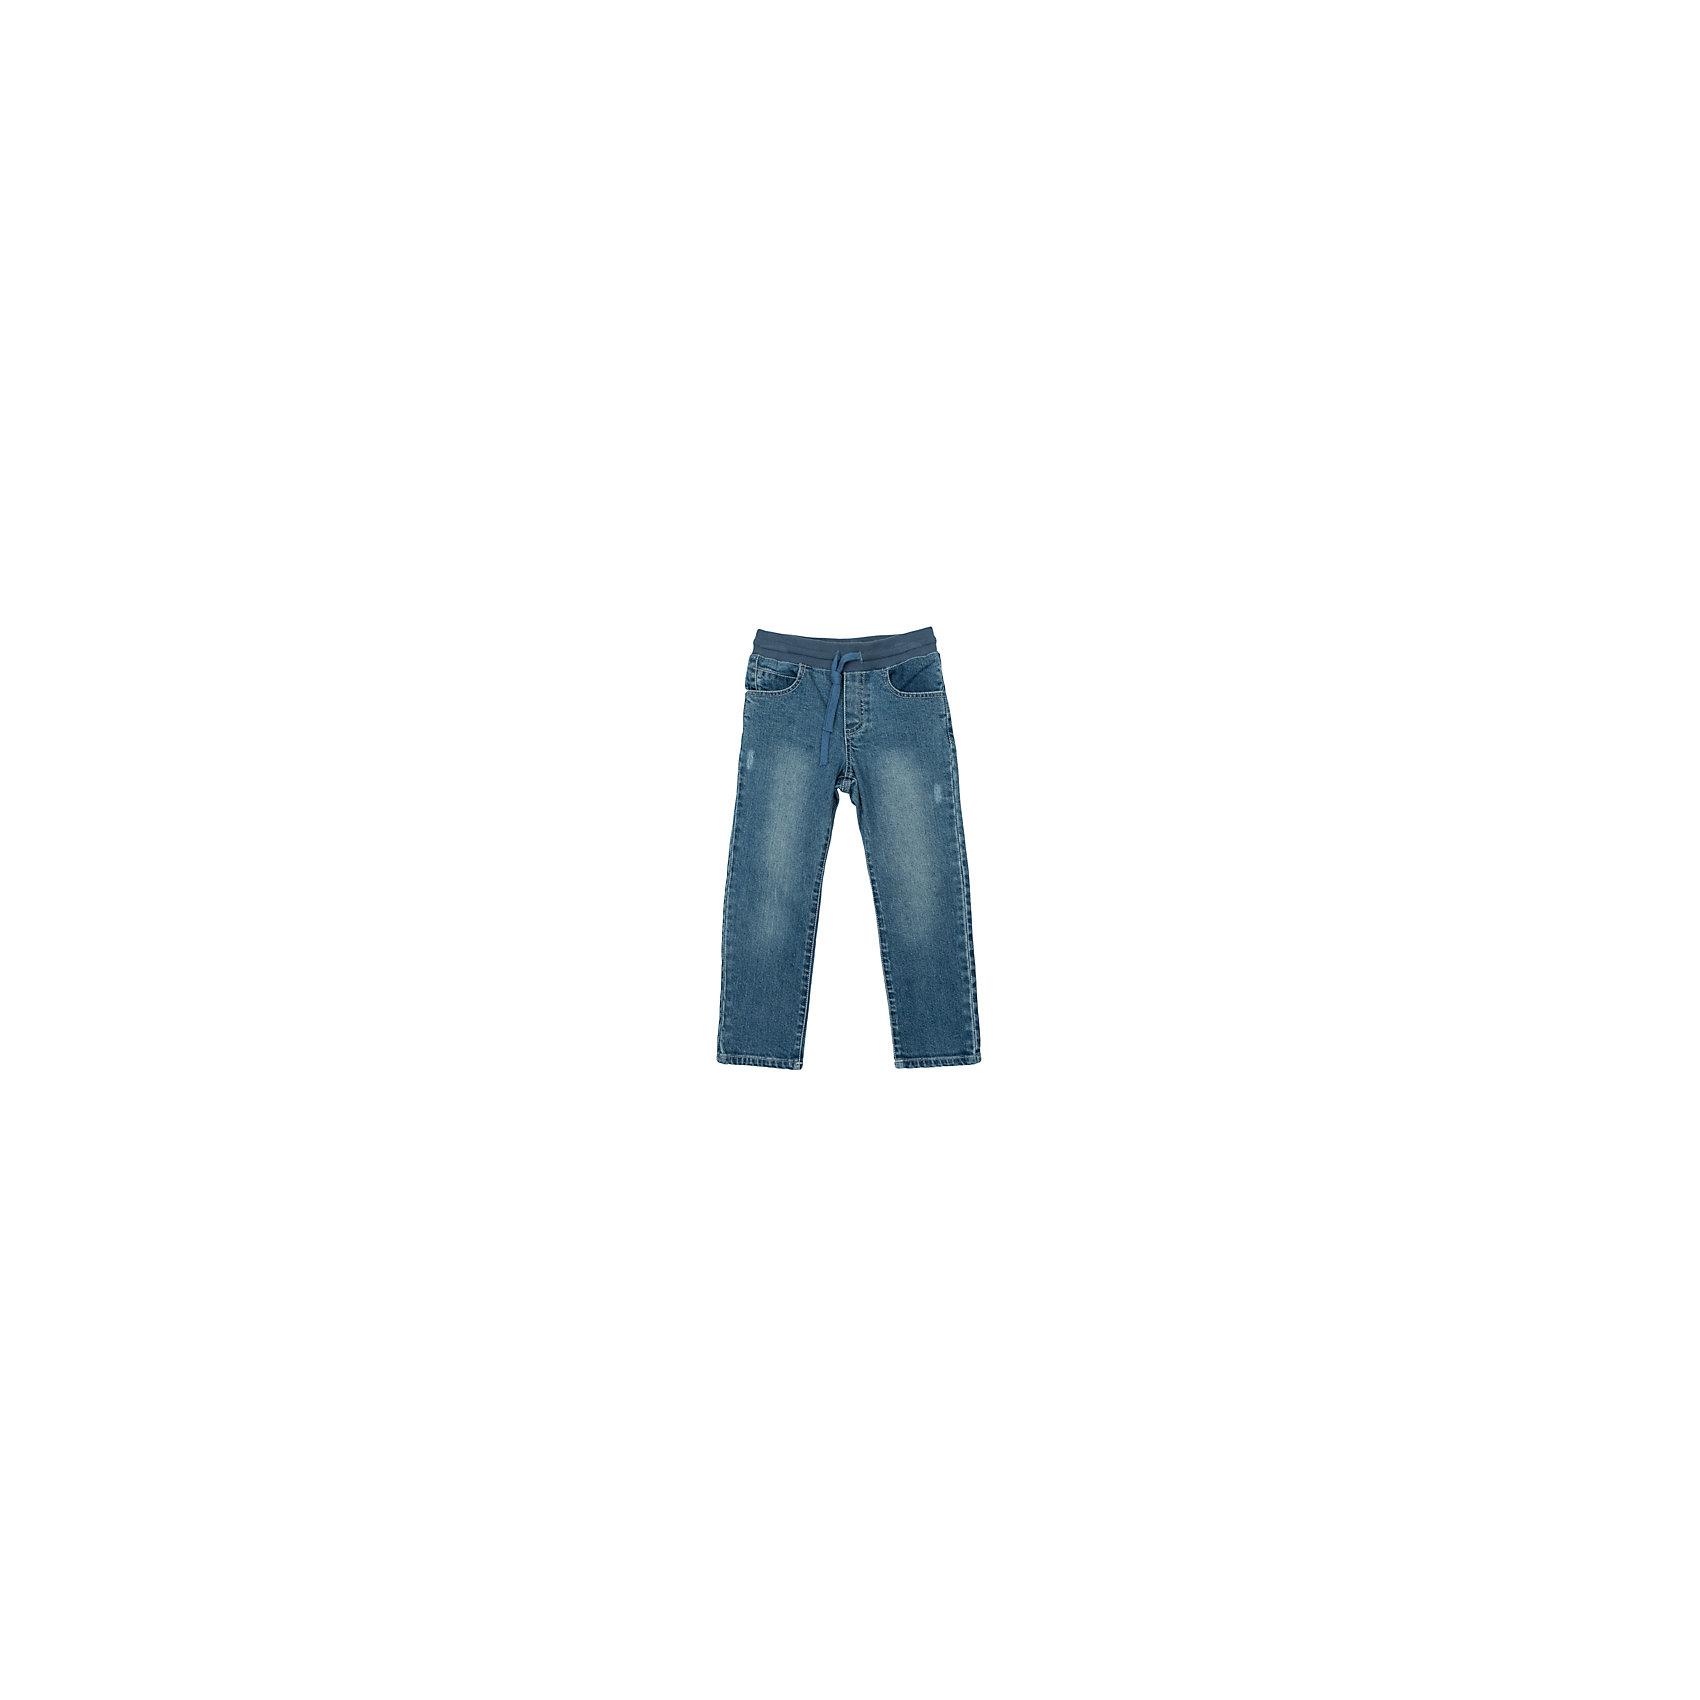 Джинсы для мальчика PlayTodayДжинсовая одежда<br>Джинсы для мальчика от известного бренда PlayToday.<br>Стильные джинсы прямого кроя. Пояс на резинке, дополнительно утягивается шнурком. Есть 4 функциональных кармана.<br>Состав:<br>98% хлопок, 2% эластан<br><br>Ширина мм: 215<br>Глубина мм: 88<br>Высота мм: 191<br>Вес г: 336<br>Цвет: синий<br>Возраст от месяцев: 24<br>Возраст до месяцев: 36<br>Пол: Мужской<br>Возраст: Детский<br>Размер: 98,122,104,128,110,116<br>SKU: 4898271